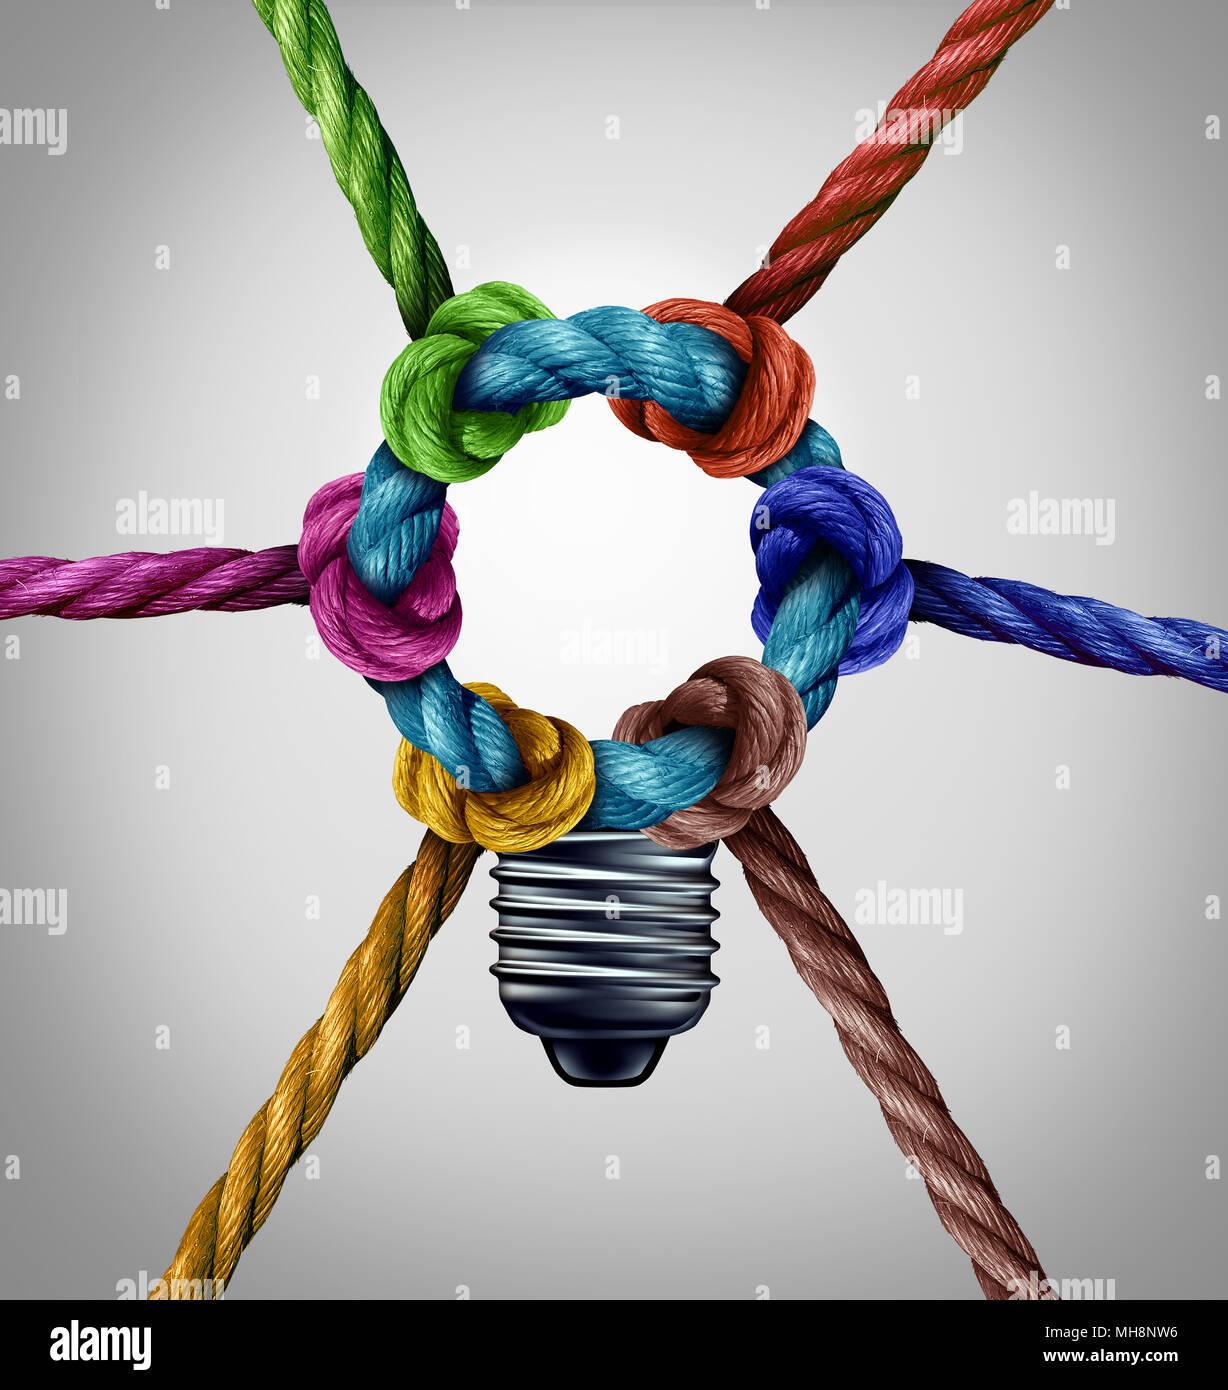 Centrale il concetto di creatività come un gruppo di ispirazione idea di connessione come diverse funi legate insieme come una squadra simbolo con 3D'illustrazione degli elementi. Immagini Stock